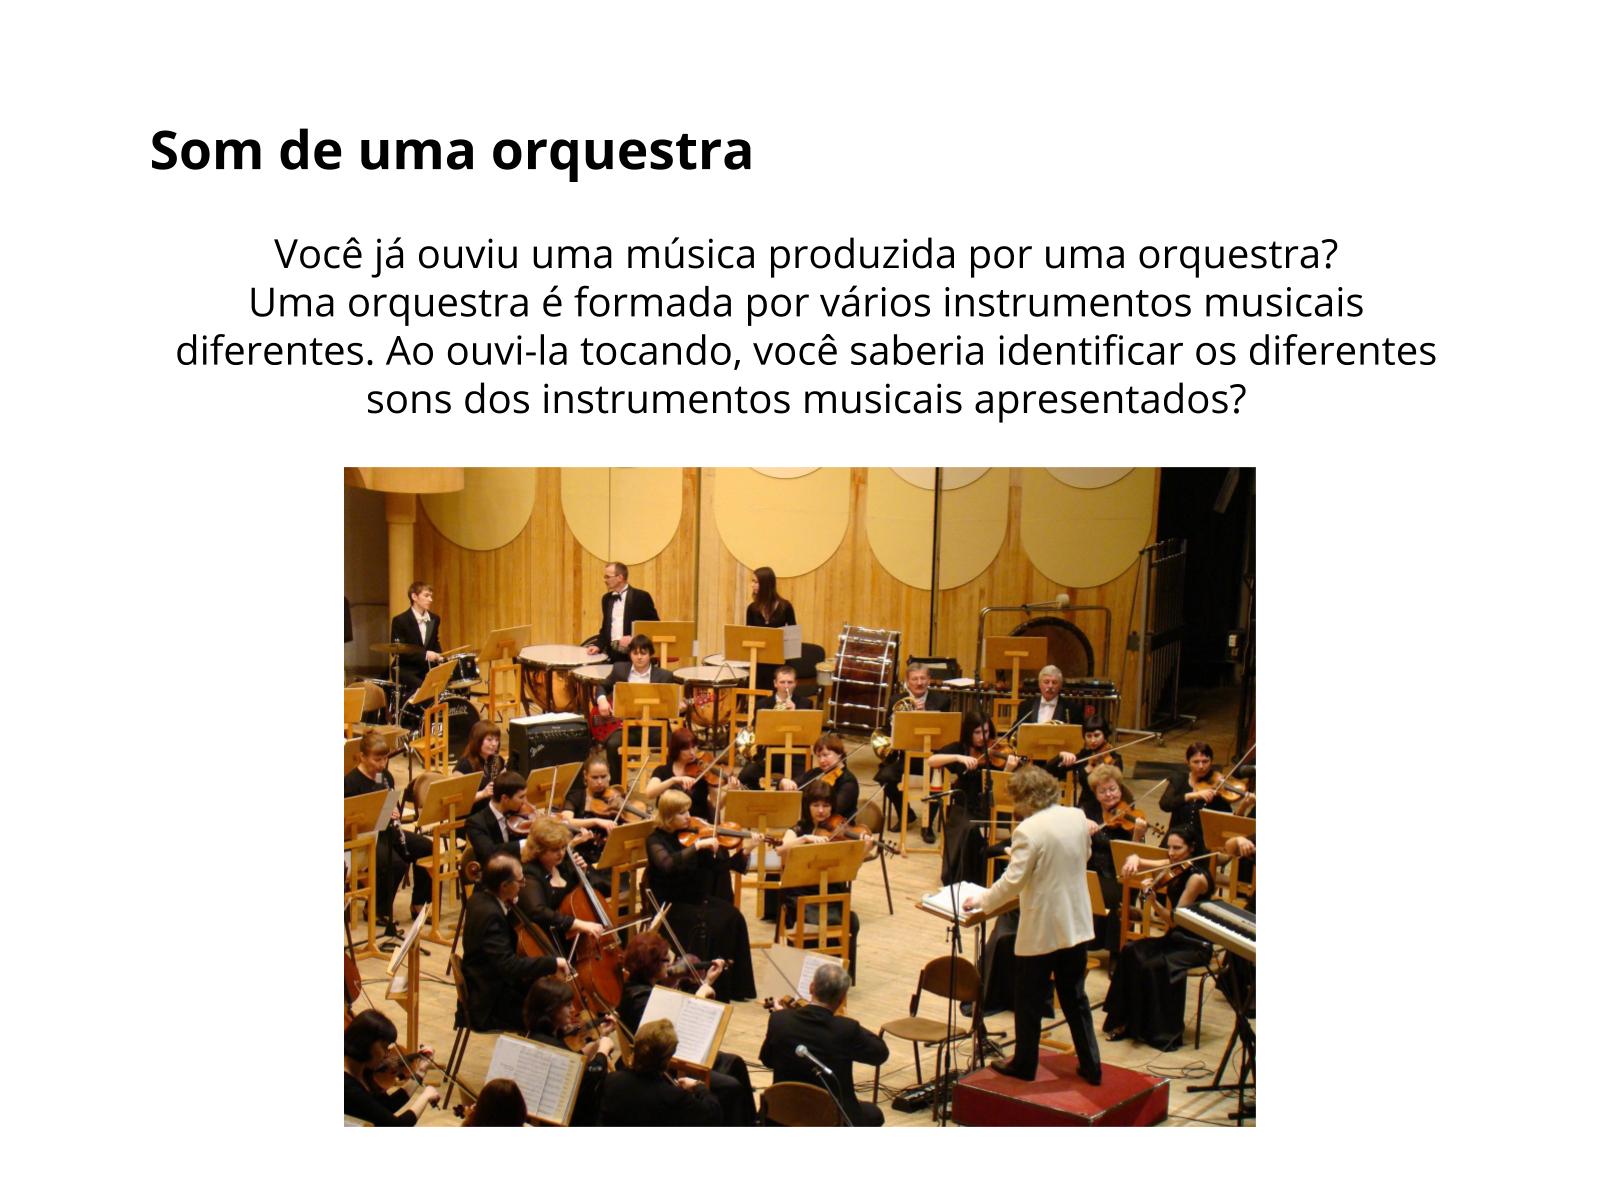 Orquestrando o som - O som nos instrumentos musicais